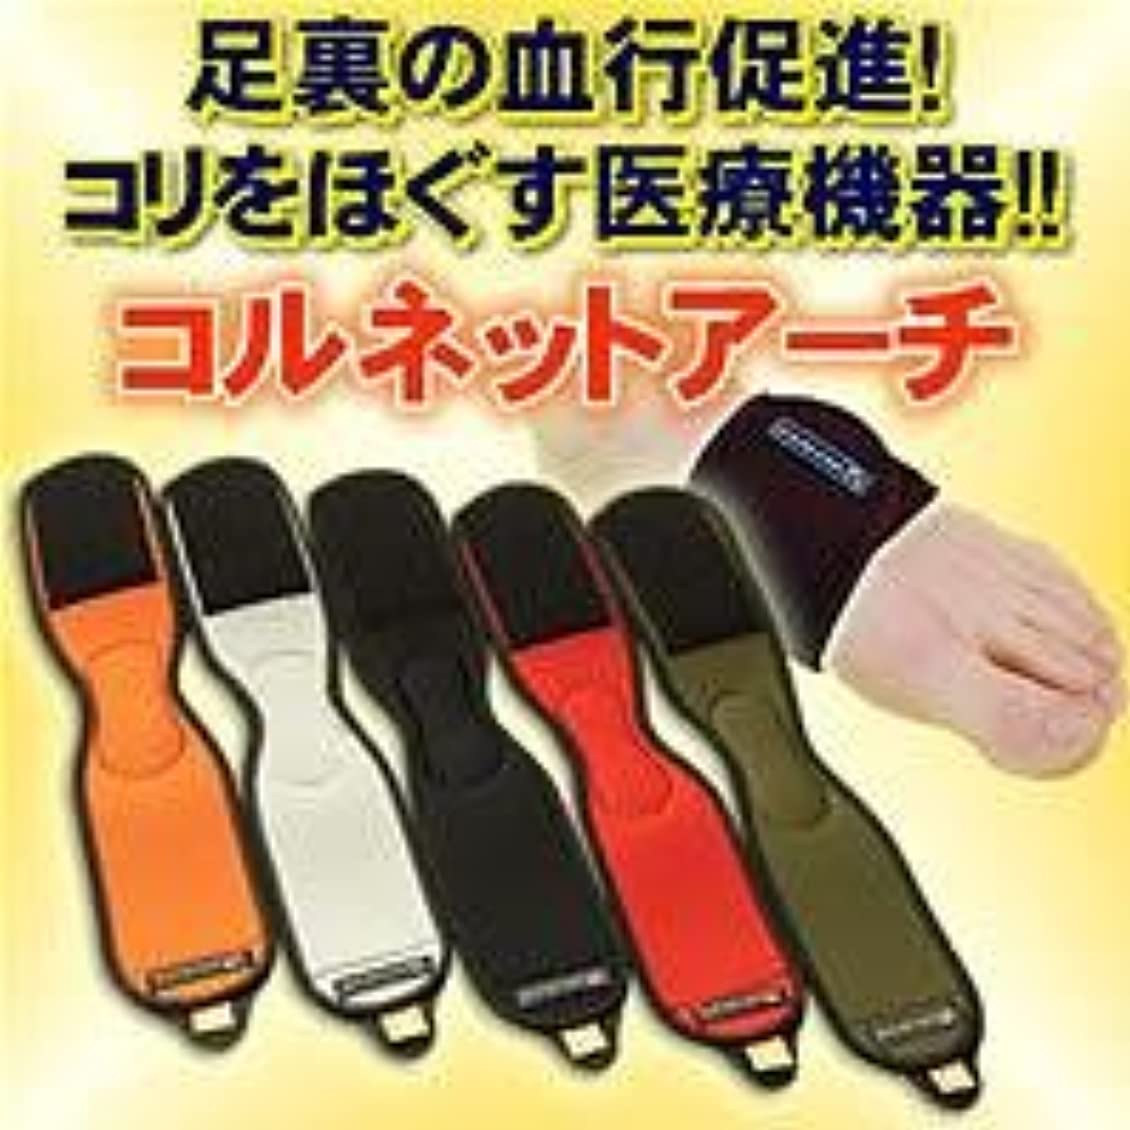 ルーカメラ厳密に足裏軽快 コルネットアーチ 2枚組 p-9060 (ブラック&オレンジ)